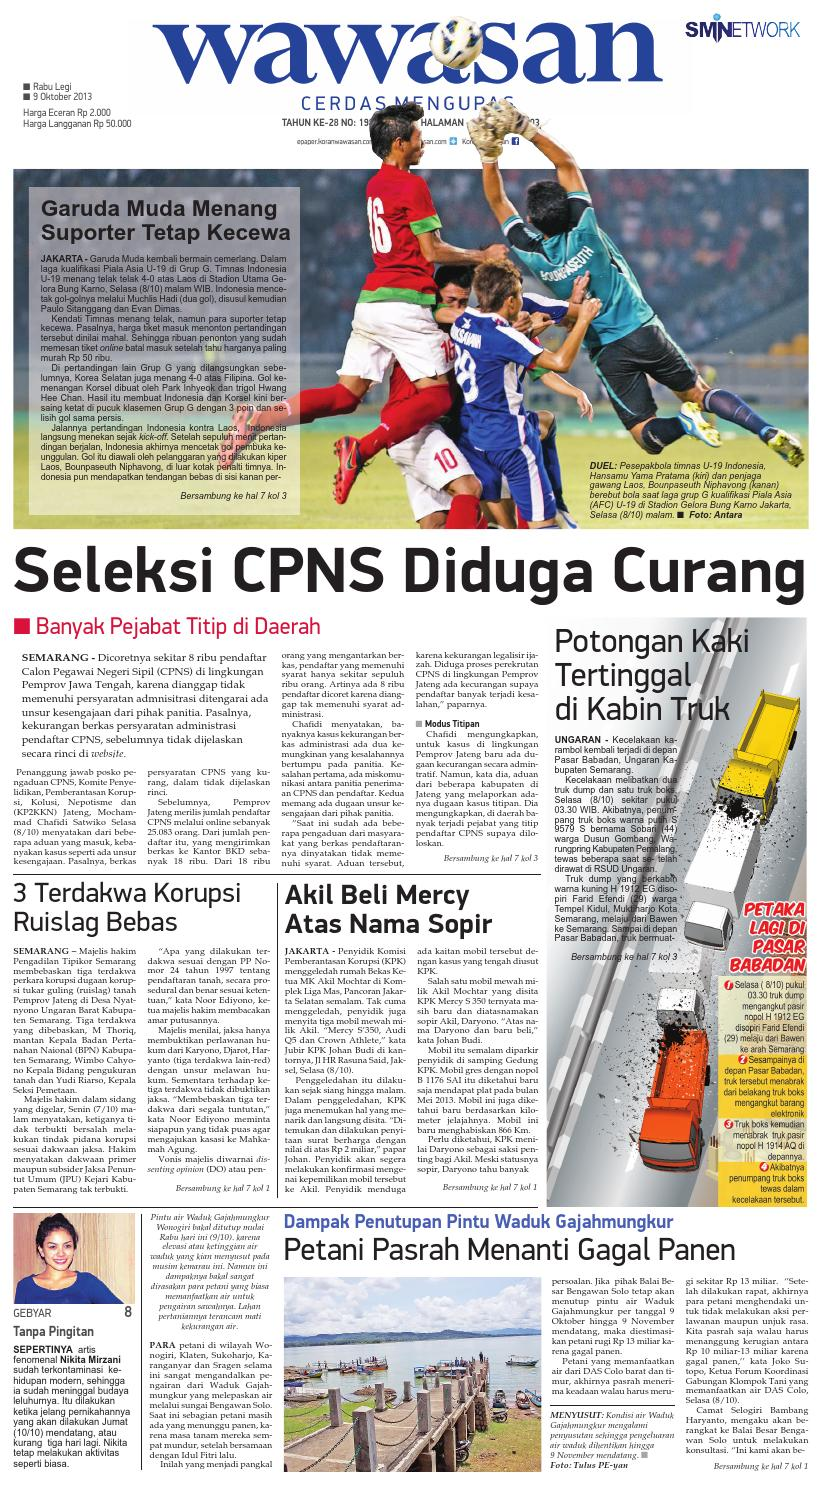 Wawasan 09 Oktober 2013 By Koran Pagi Issuu Produk Ukm Bumn Batik Lengan Panjang Parang Toko Ngremboko